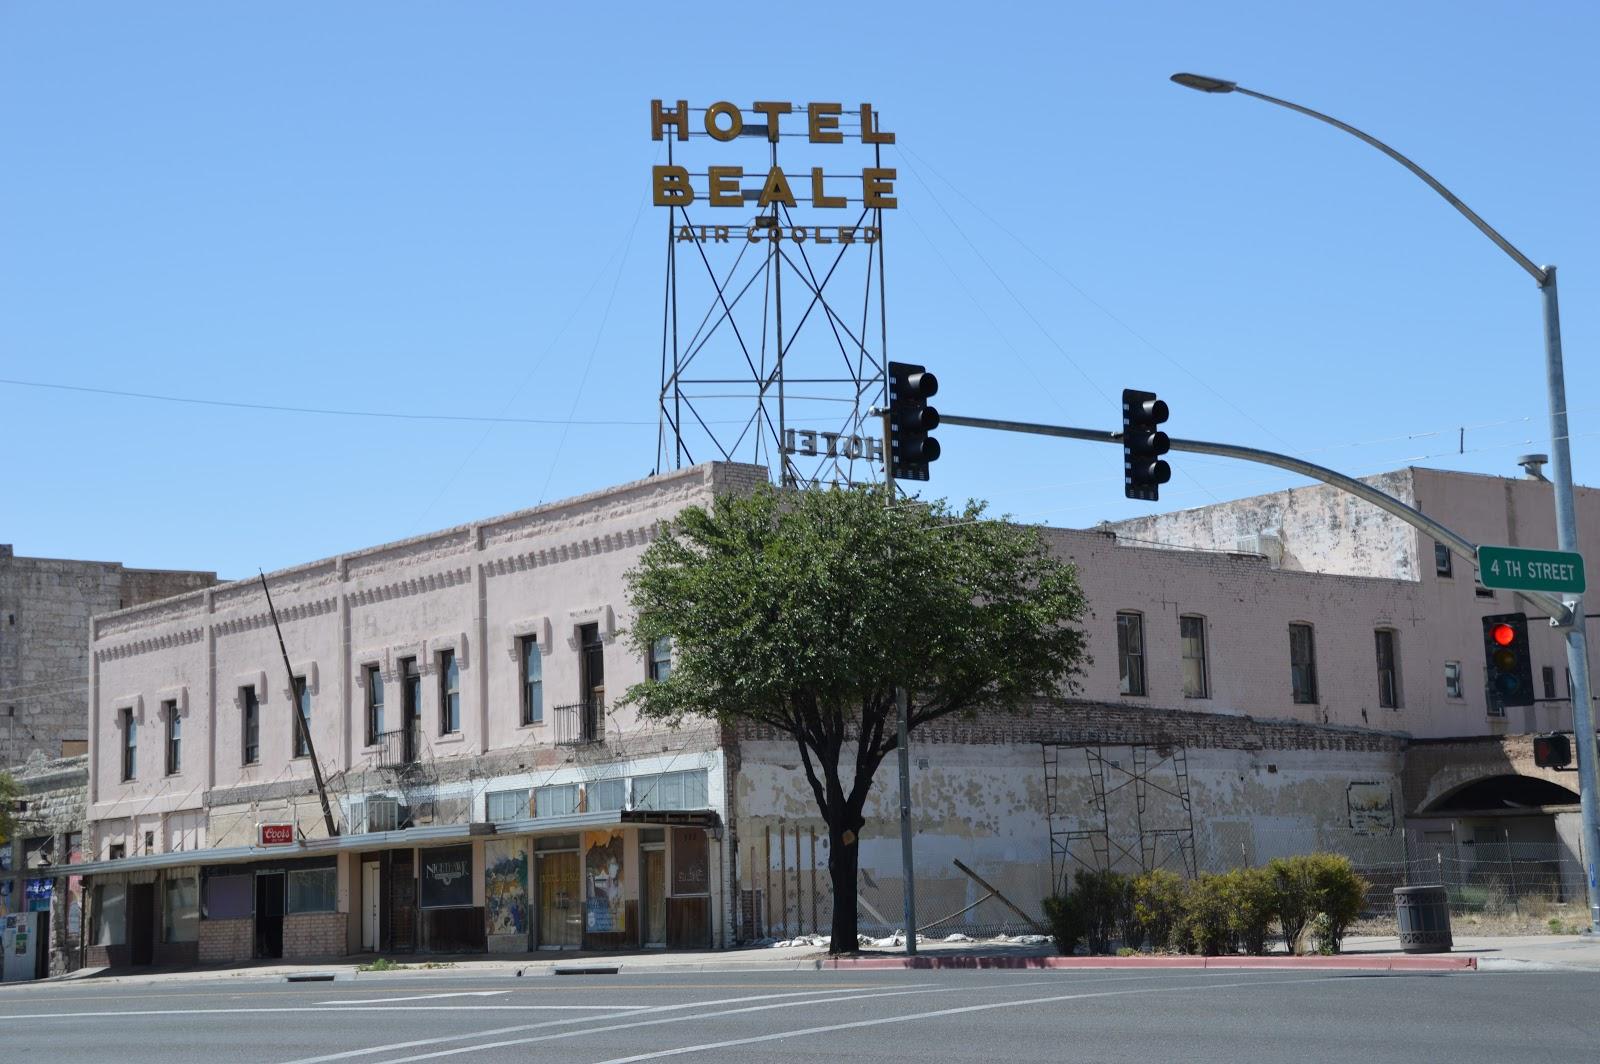 Da Road Trip Kingman Arizona Classic Route 66